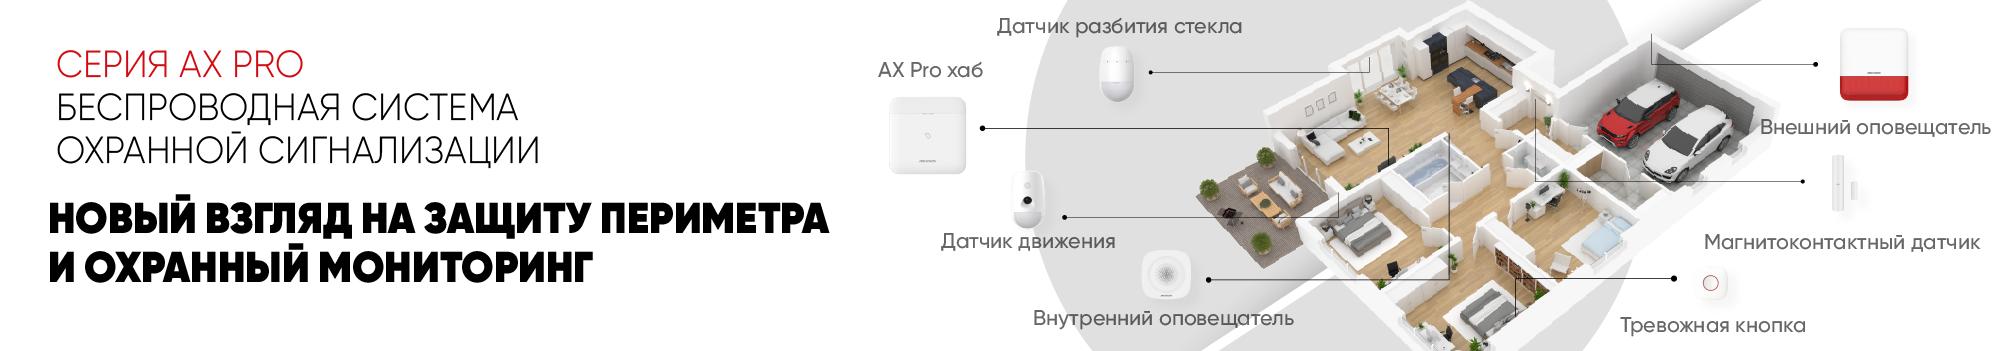 Беспроводная охранная система Hikvision AxPro – новый взгляд на защиту периметра и мониторинг